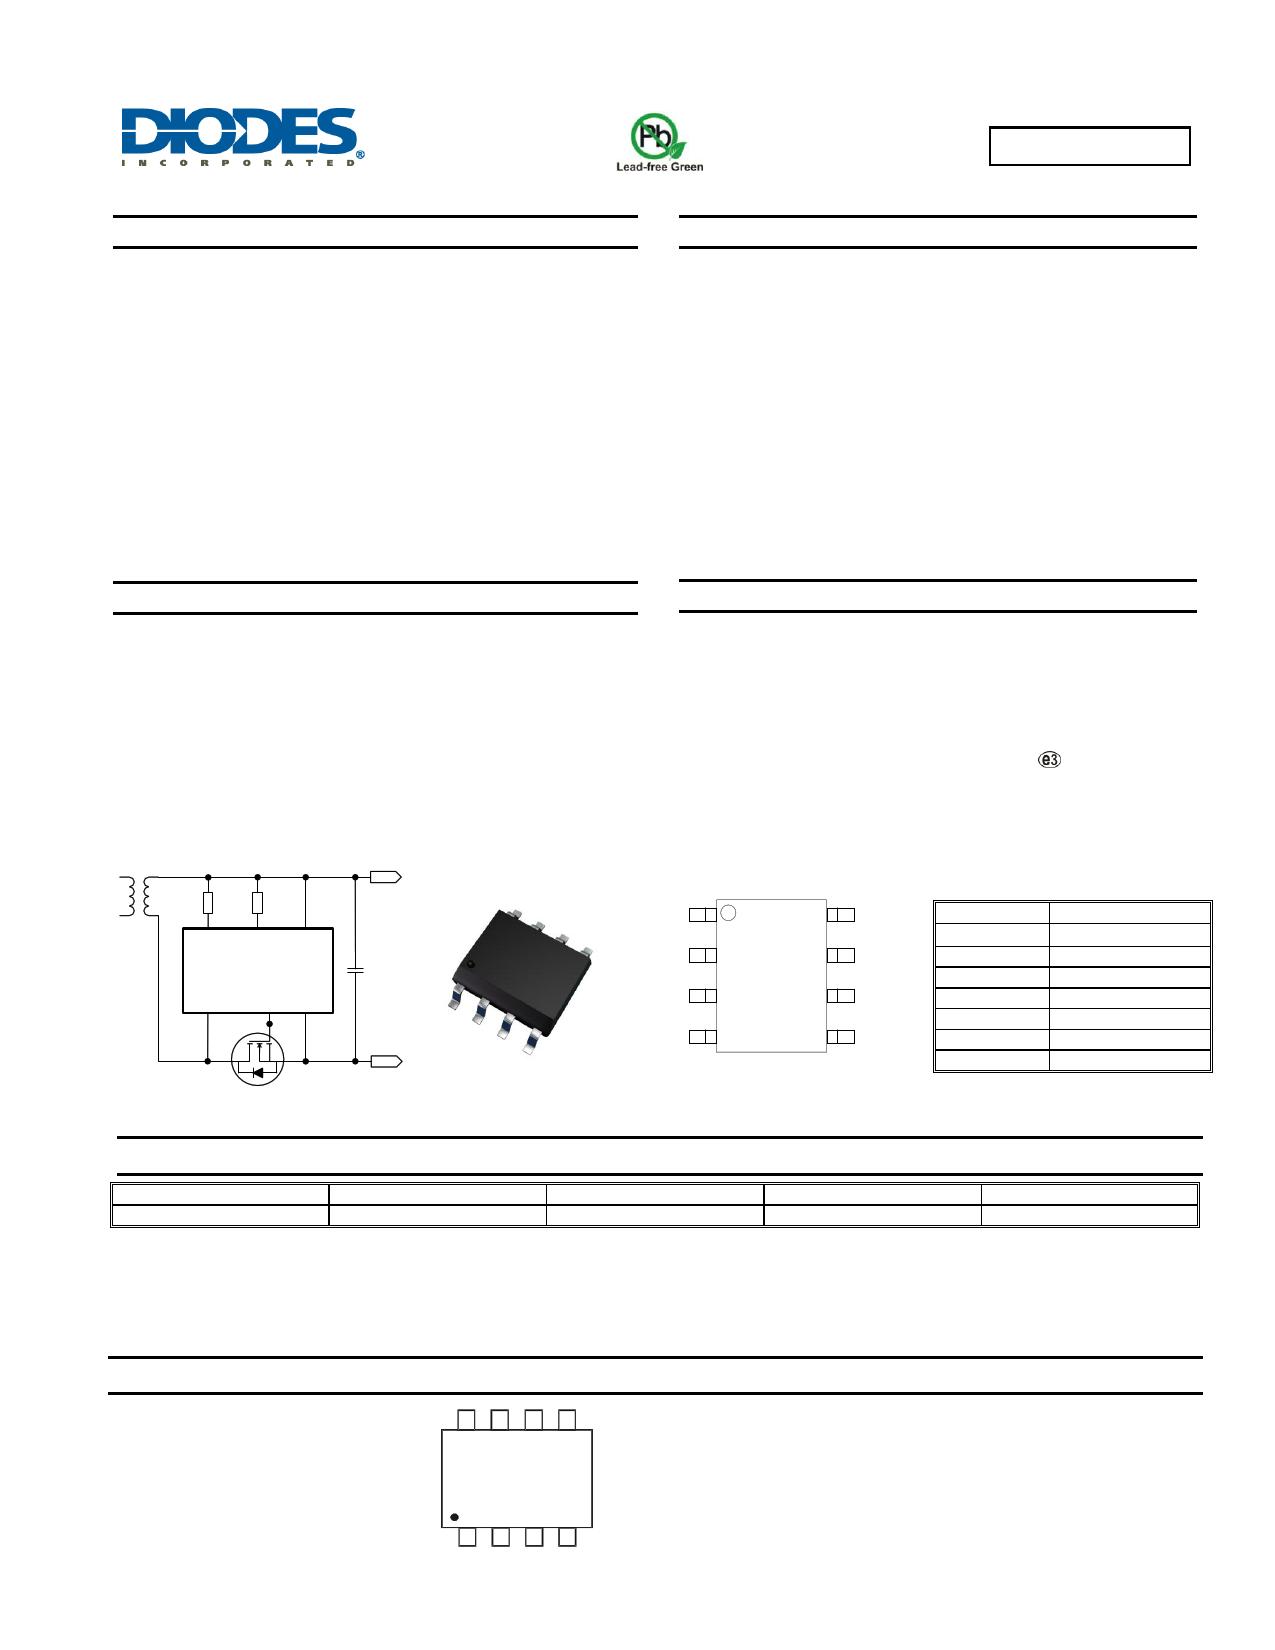 ZXGD3107N8TC datasheet